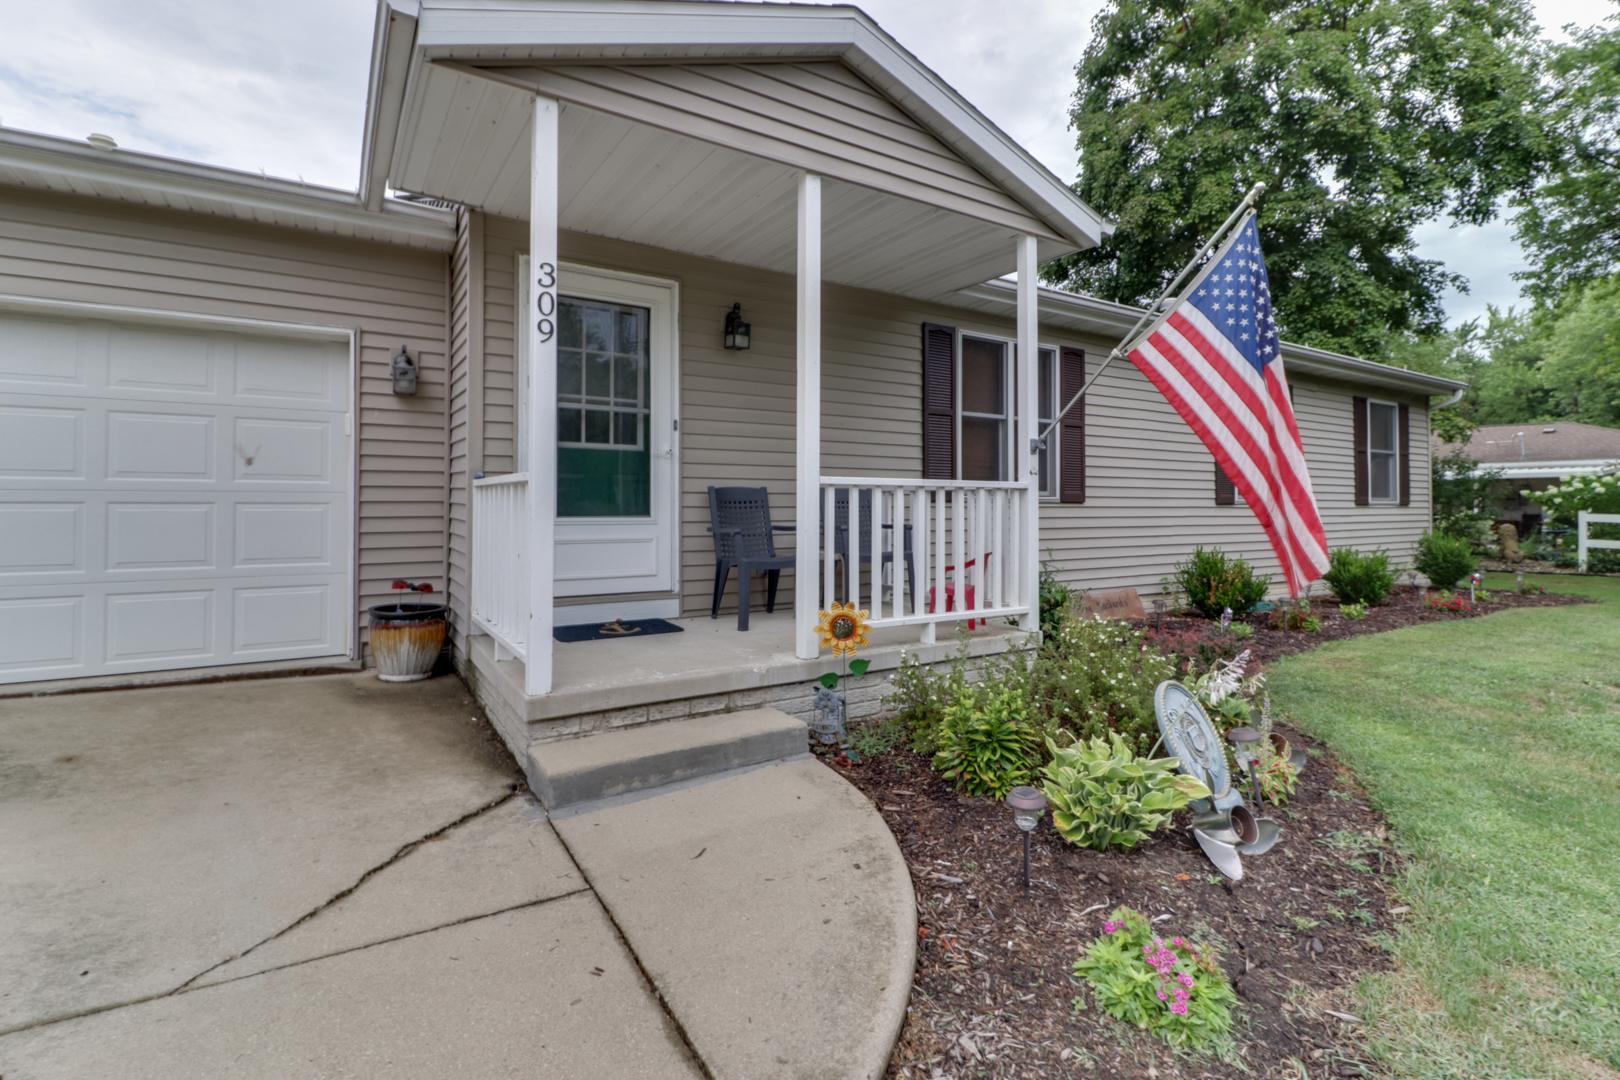 309 North Pennsylvania, MINIER, Illinois, 61759